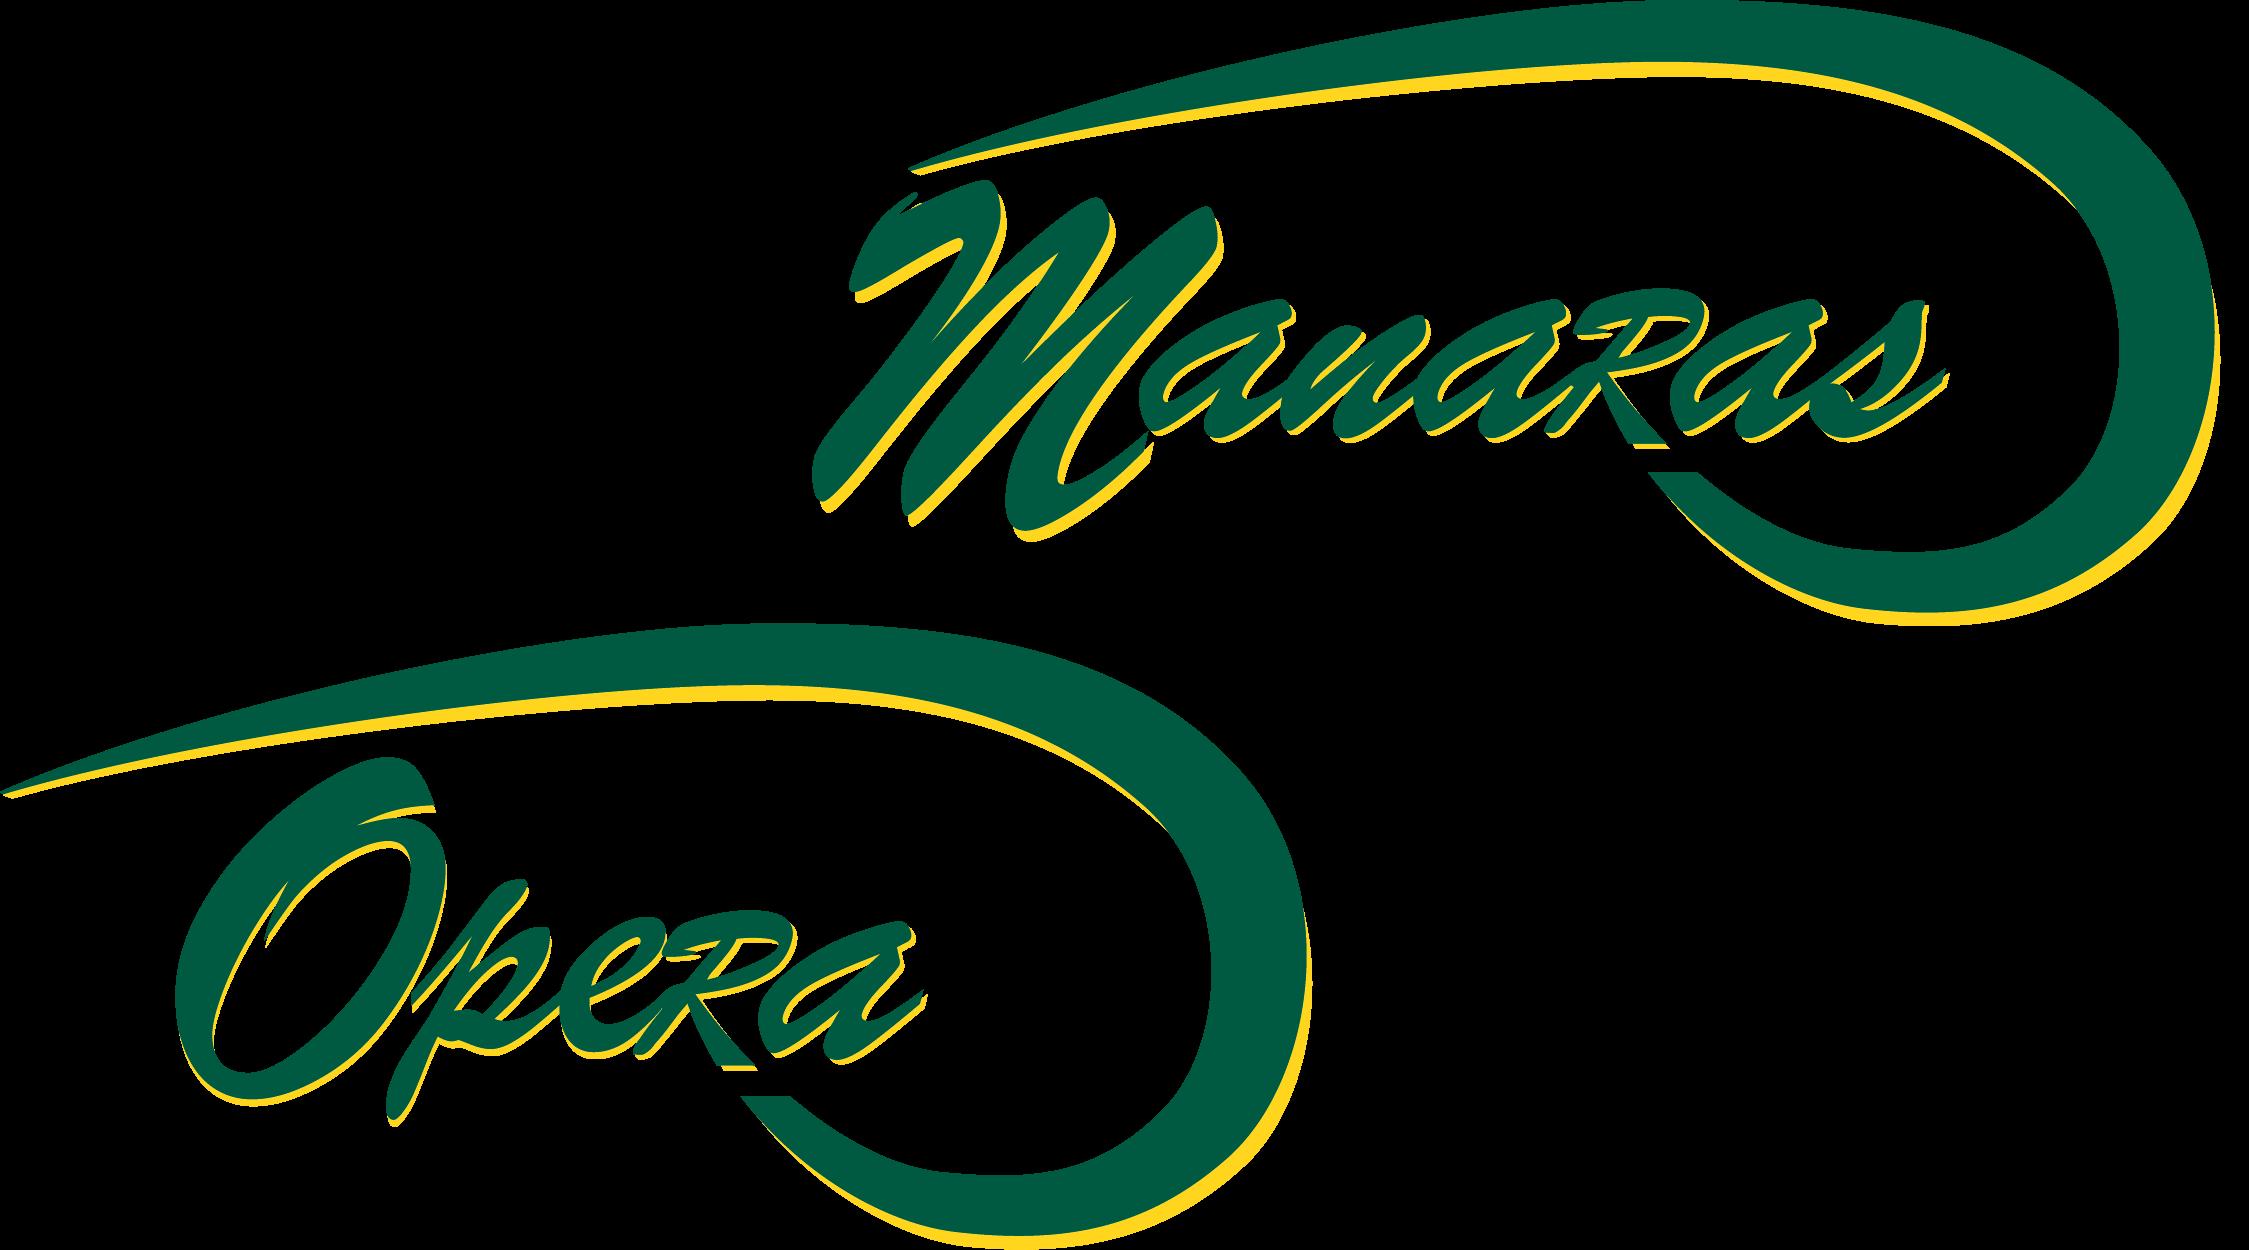 https://www.kevinsoverheaddoor.com/wp-content/uploads/2020/04/Logo_ManarasOpera_registered_2018-06-12-1.png